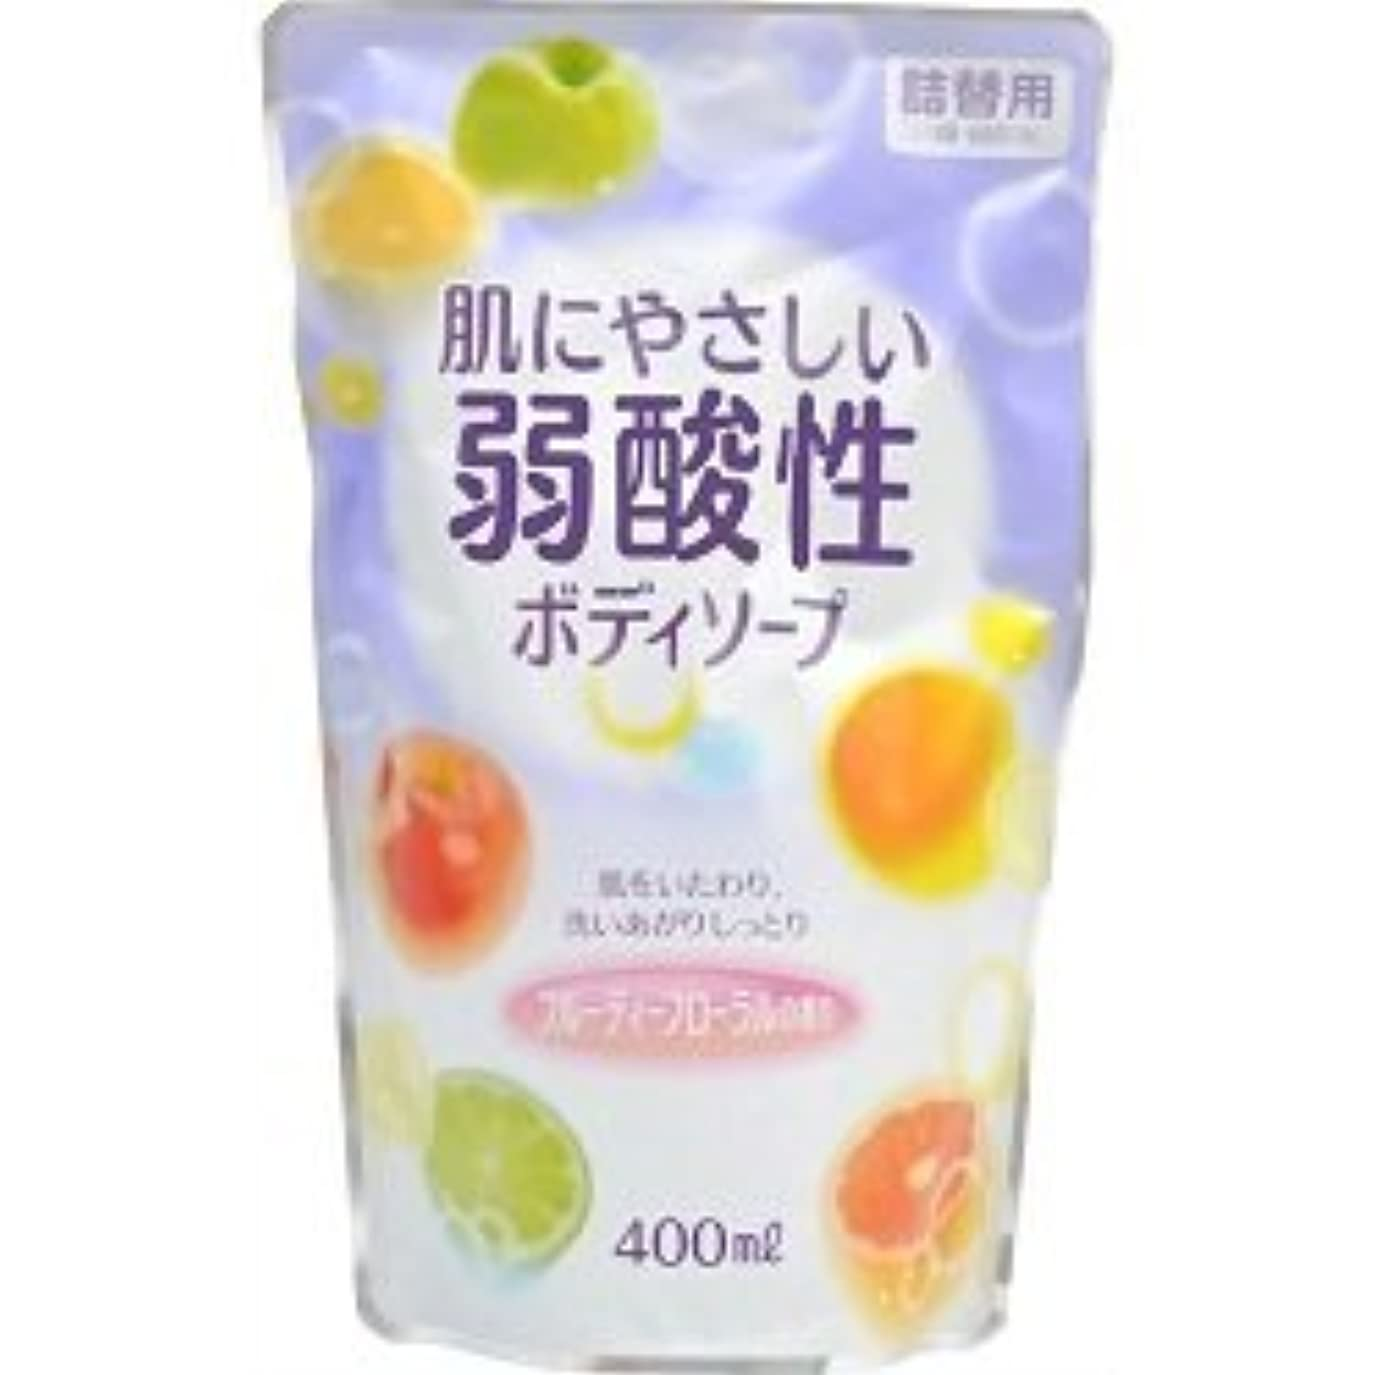 落ち着いたうれしい閉塞【エオリア】弱酸性ボディソープ フルーティフローラルの香り 詰替用 400ml ×10個セット